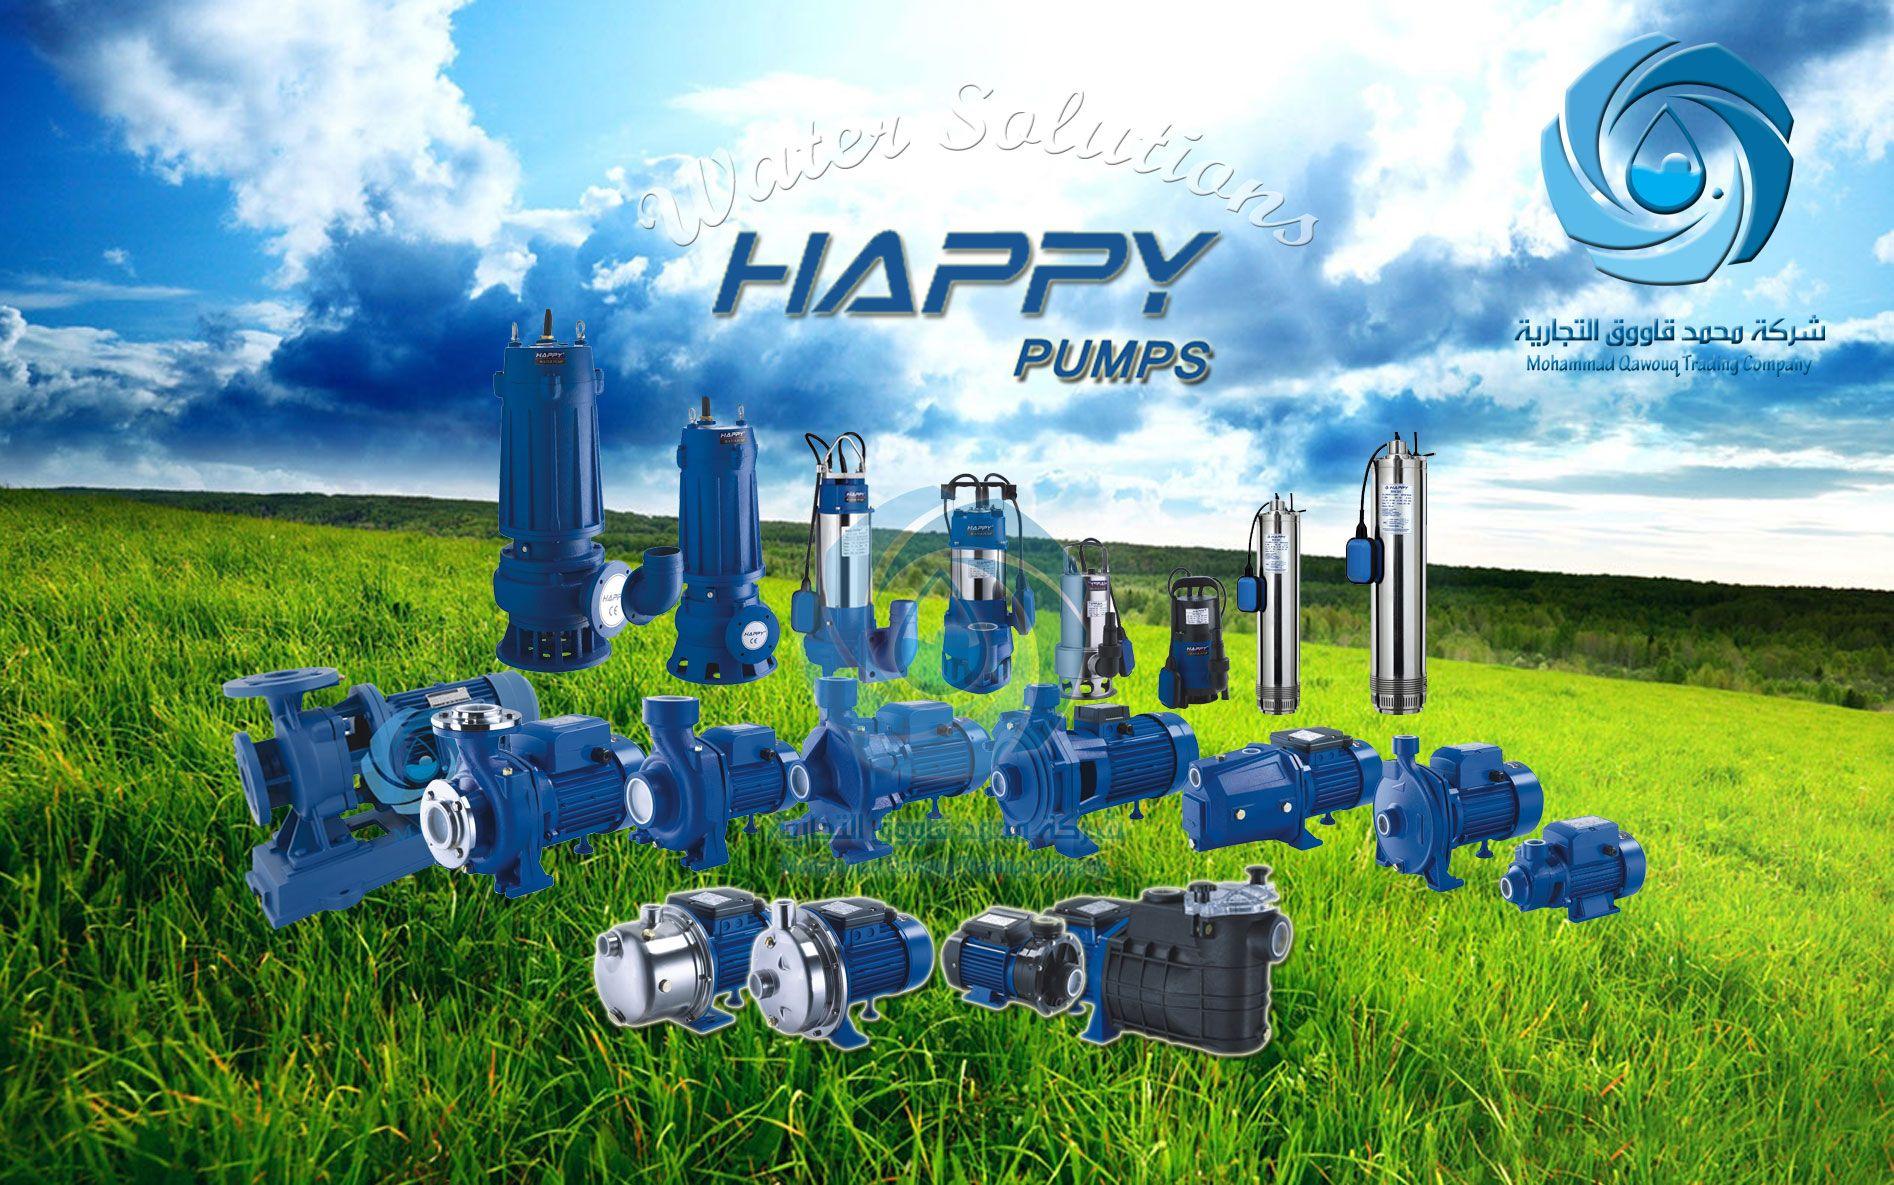 مضخات مياه هابي صناعة صينية صنف أول مضخات متعددة الإستخدامات Happy Water Pumps Pumps Water Pumps Happy